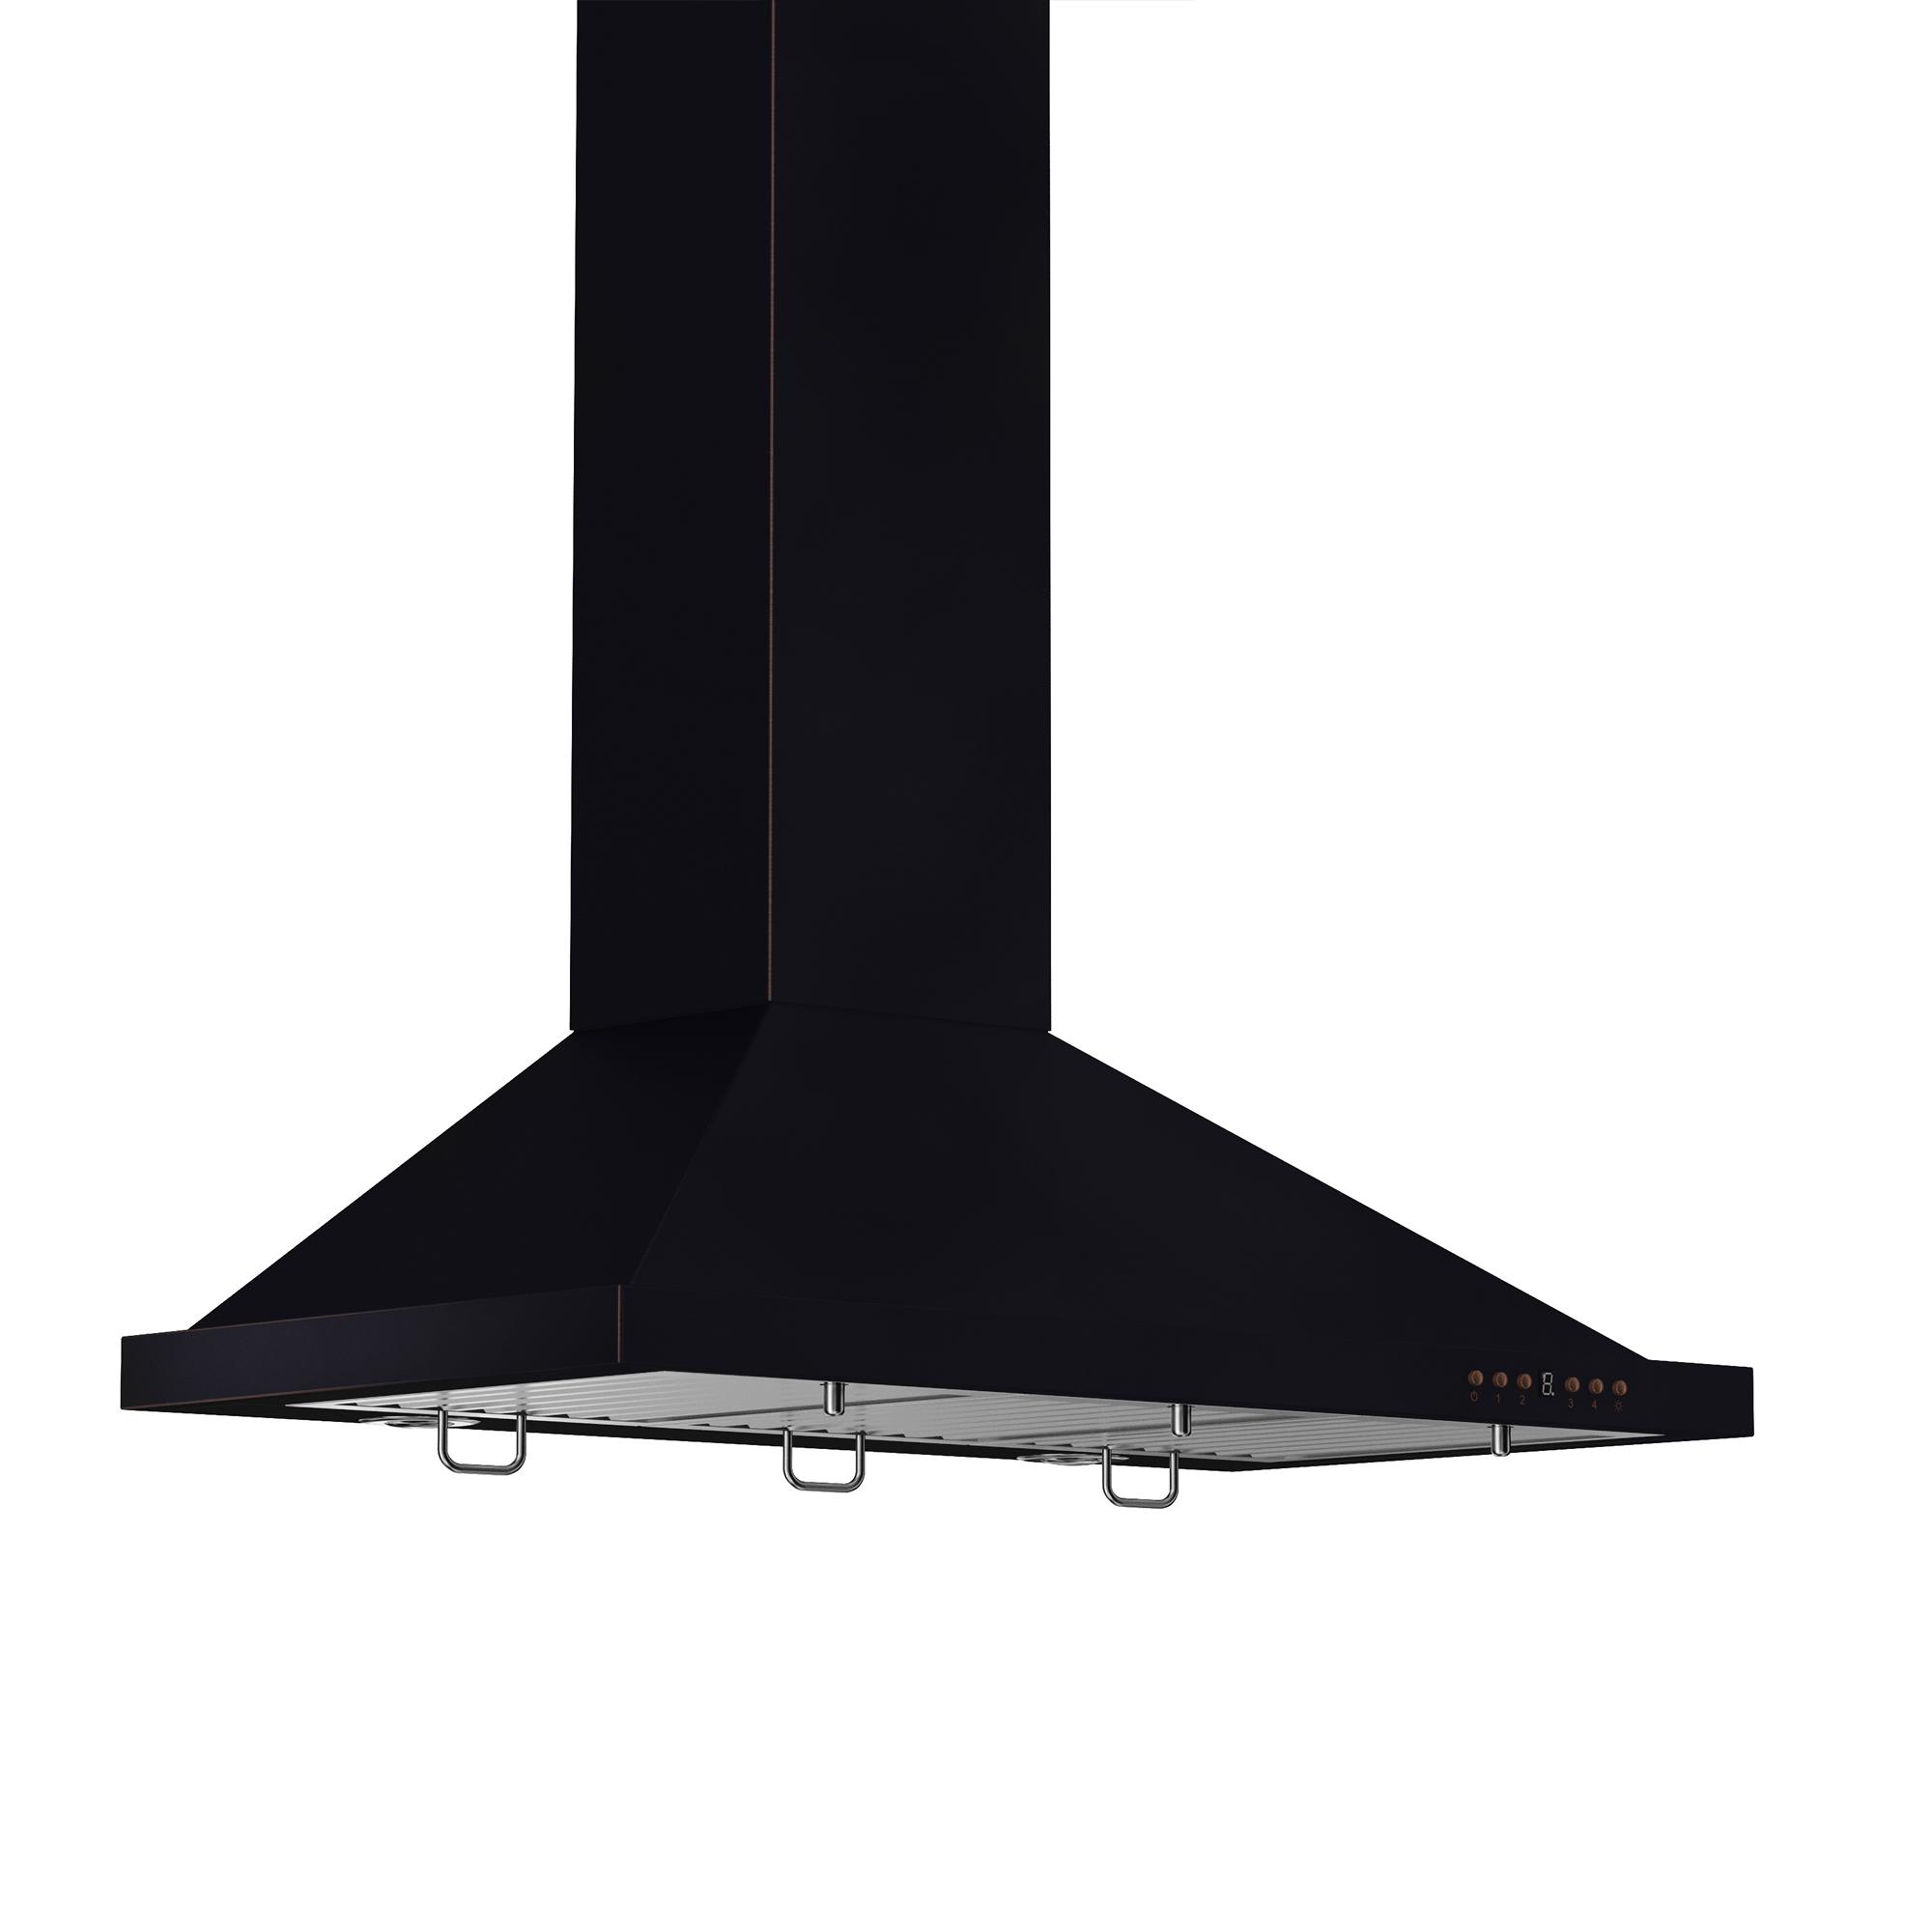 zline-copper-wall-mounted-range-hood-8KBB-main.jpg